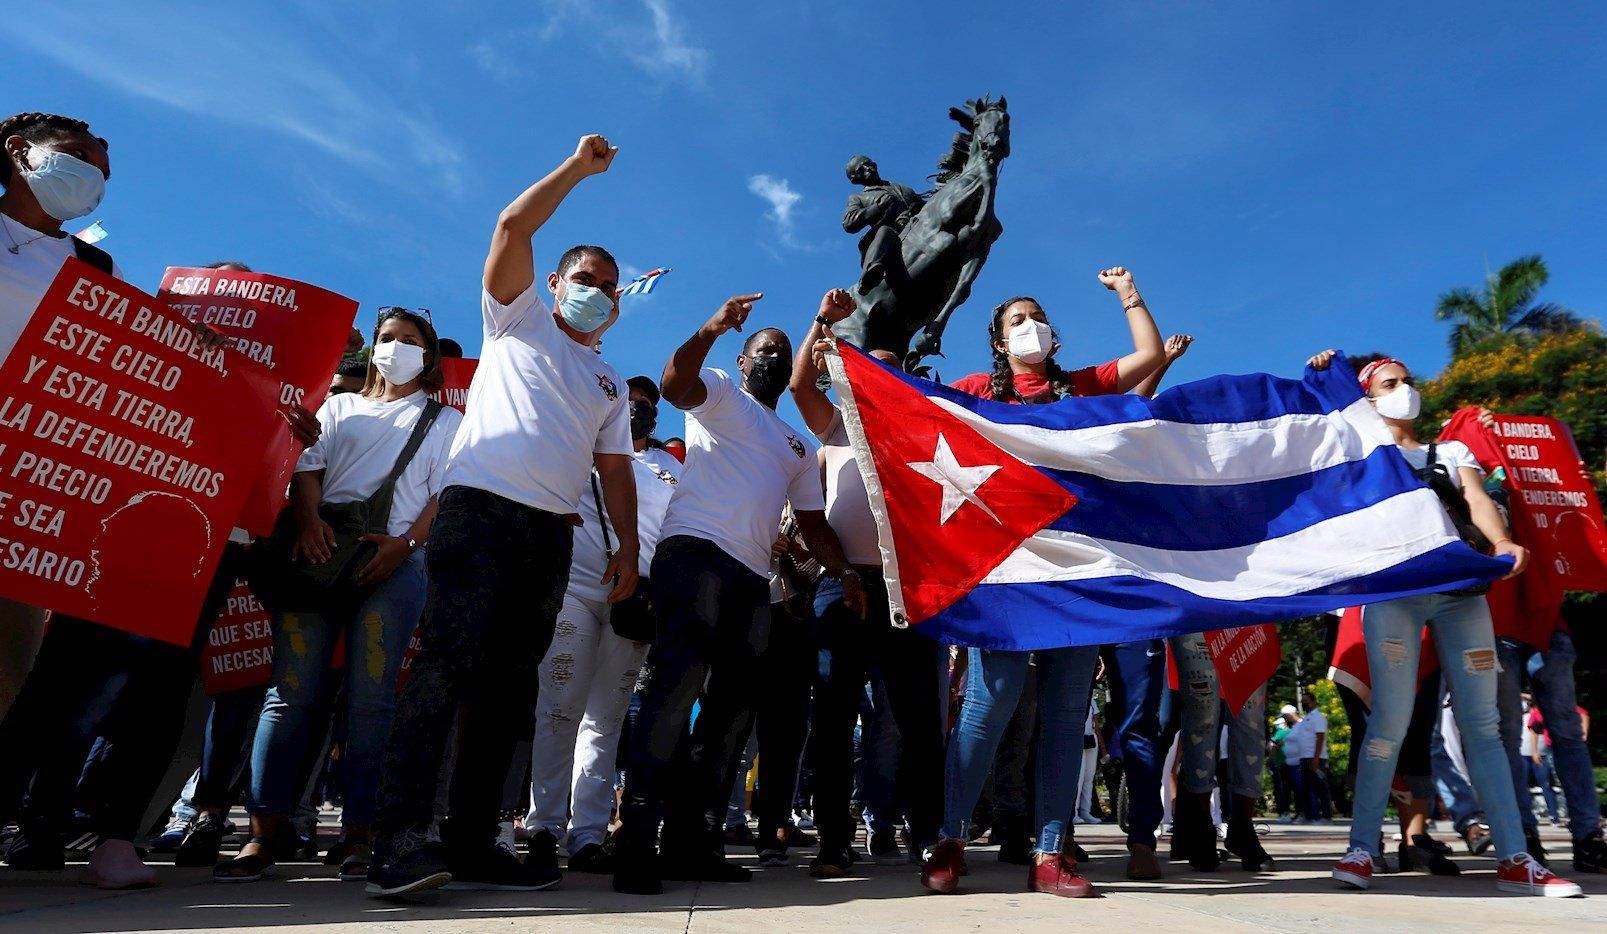 Jóvenes cubanos se manifiestan a favor del gobierno, en el Parque 13 de marzo, en La Habana, el 5 de agosto de 2021. Foto: Ernesto Mastrascusa / EFE.